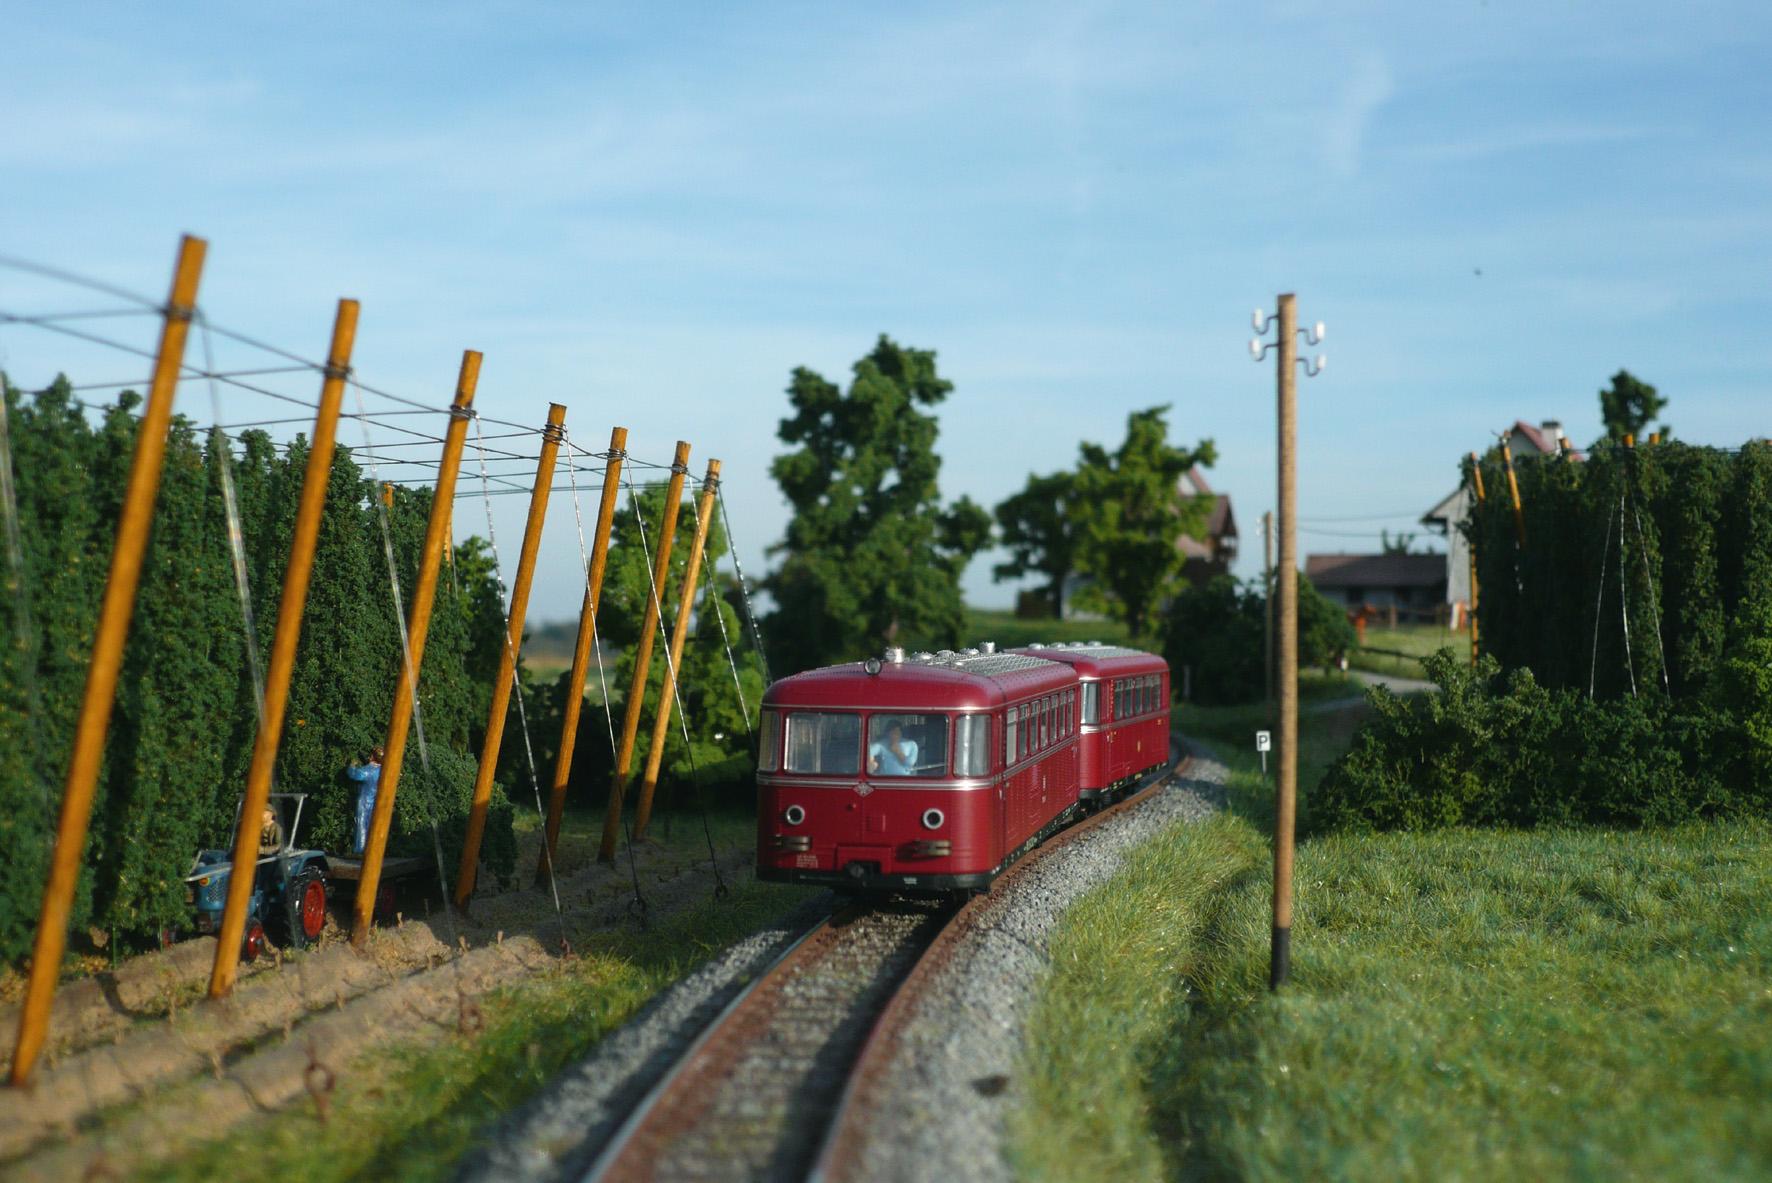 Foto: Hallertauer Modelleisenbahner e.V.